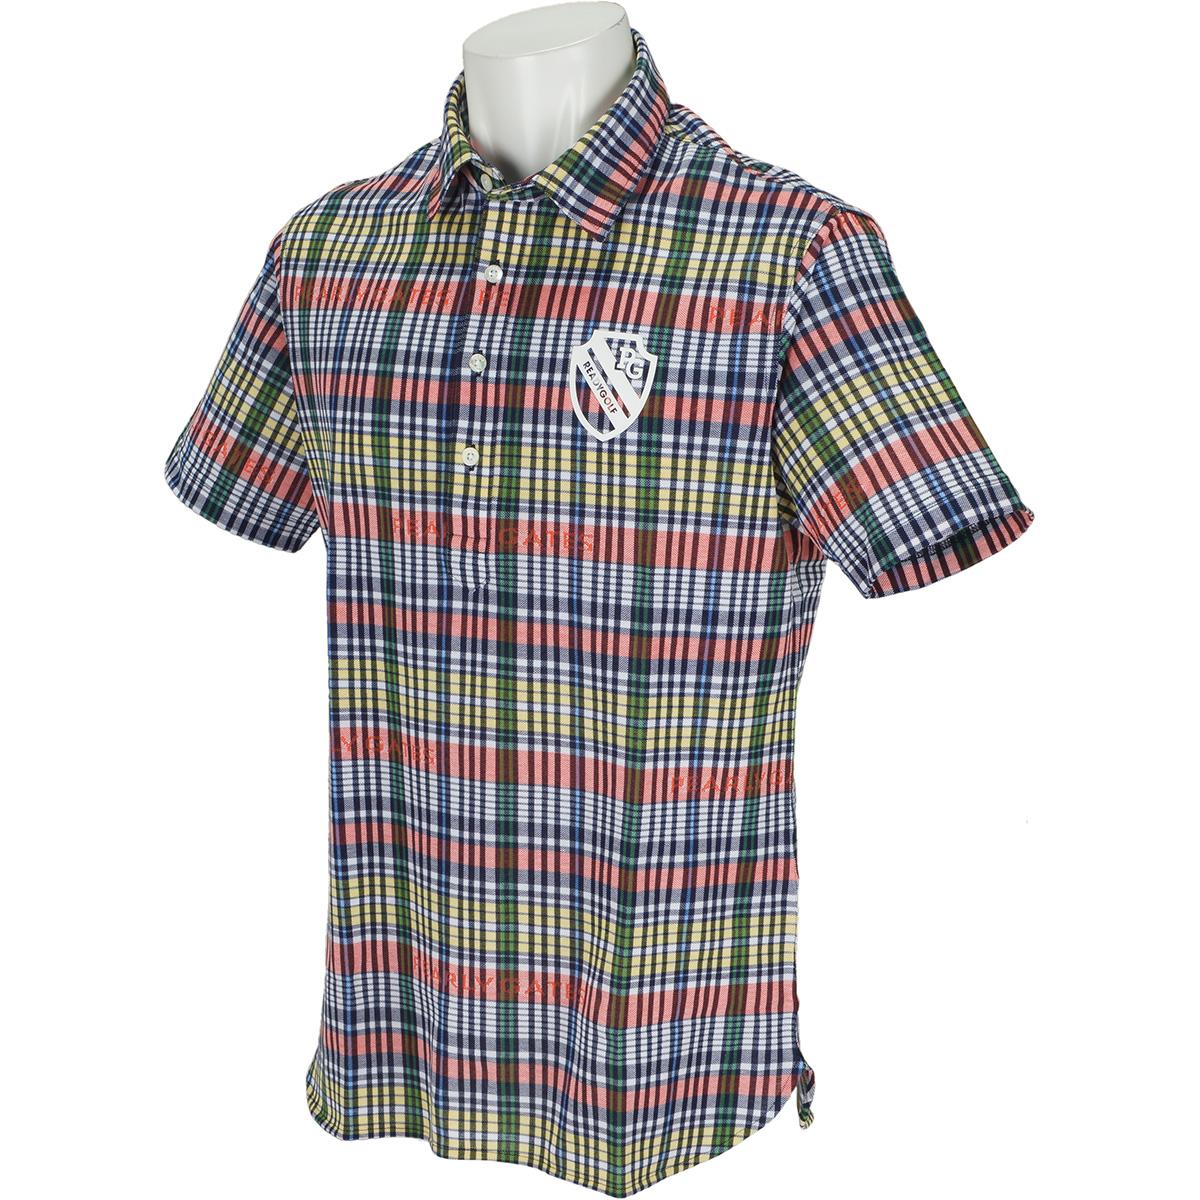 マドラス柄ハイブリットプリント半袖ポロシャツ